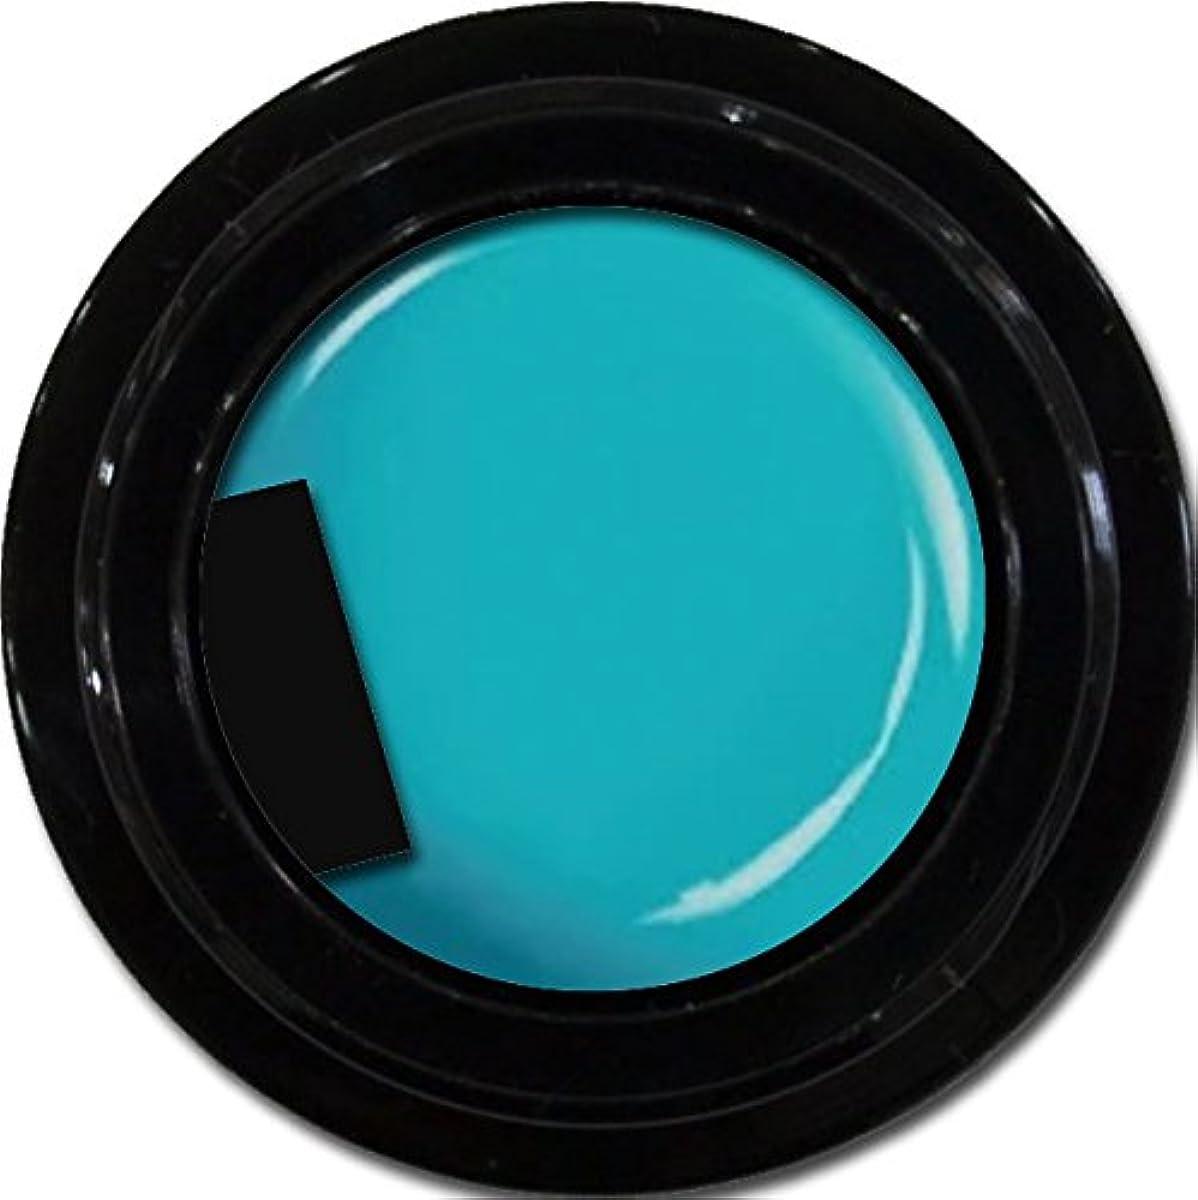 自動車セミナー溢れんばかりのカラージェル enchant color gel M707 CanalBlue3g/ マットカラージェル M707カナールブルー 3グラム